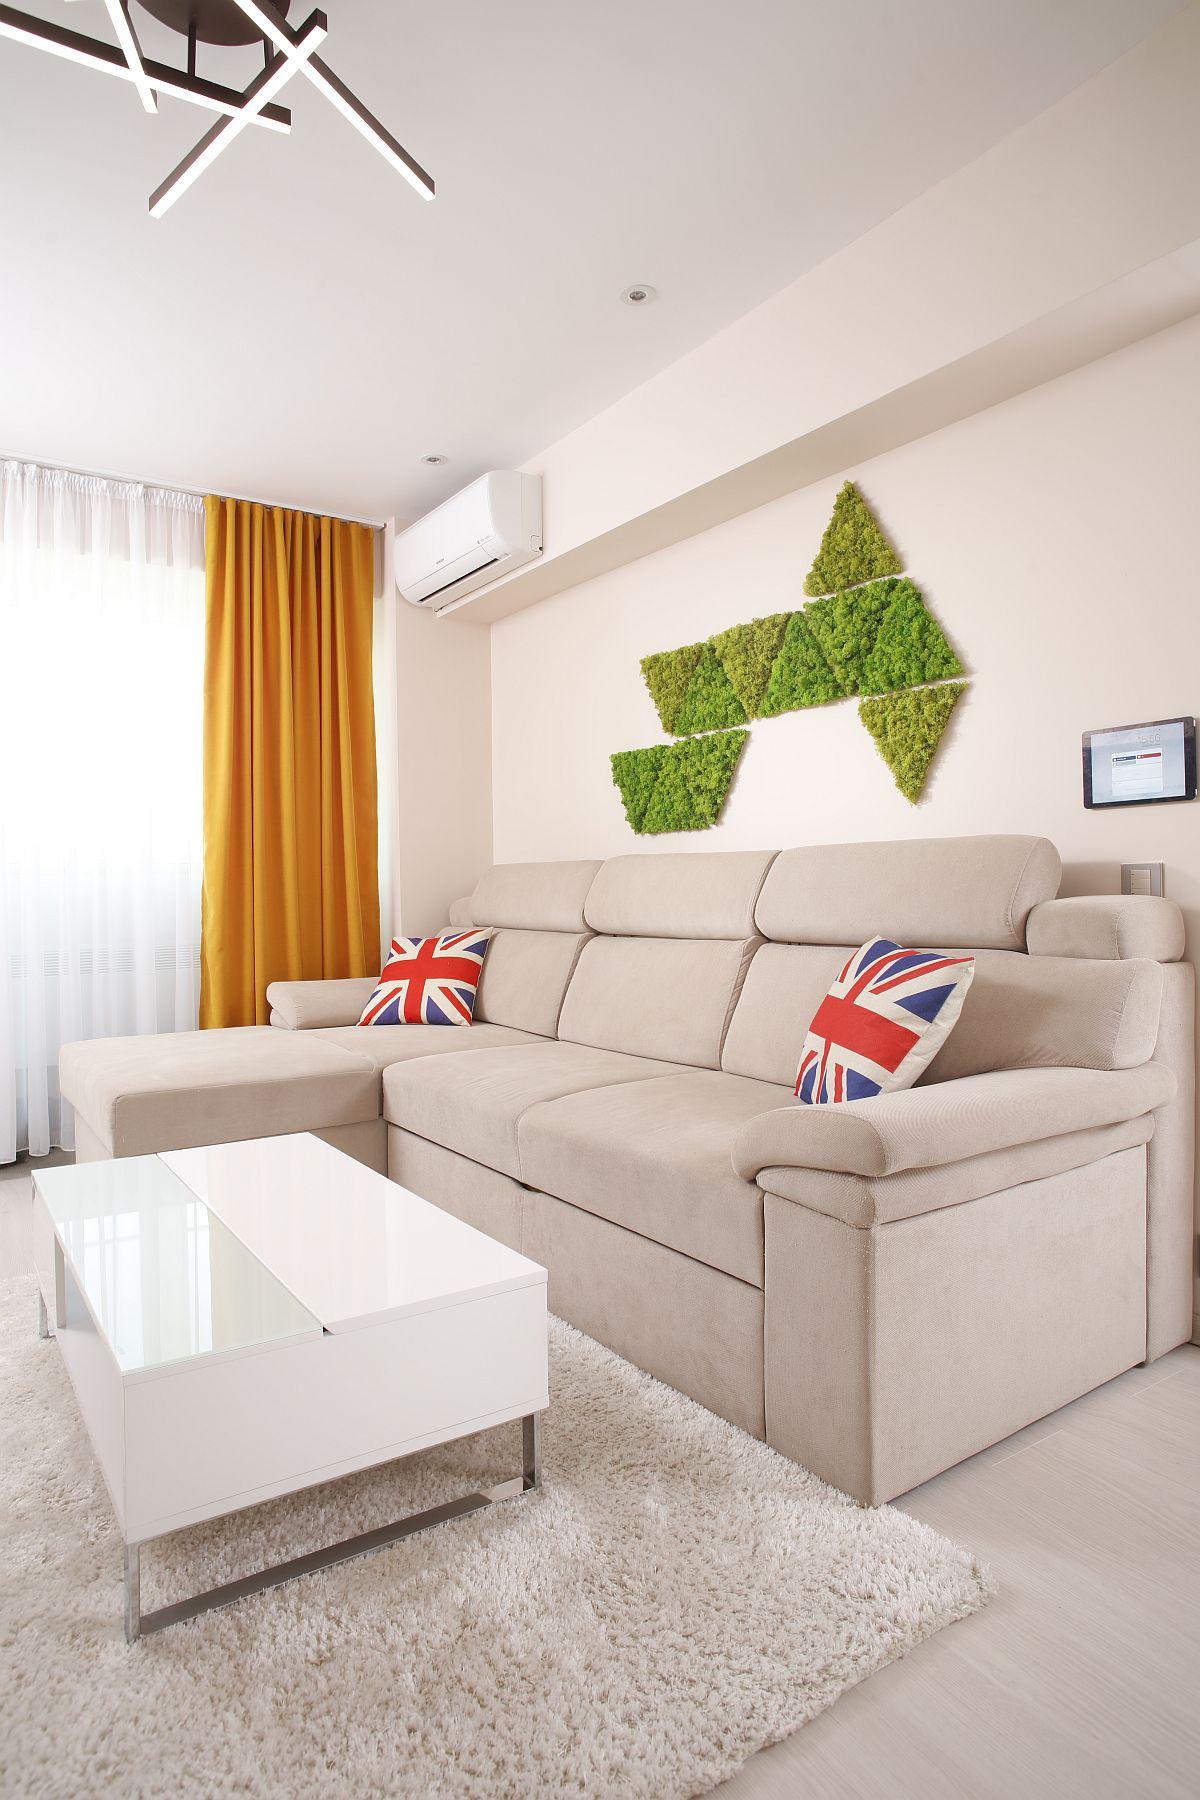 adelaparvu.com despre apartament de 56 mp Bucuresti, design arh. Cristian Patrascu, Foto Iulian Iacob (4)